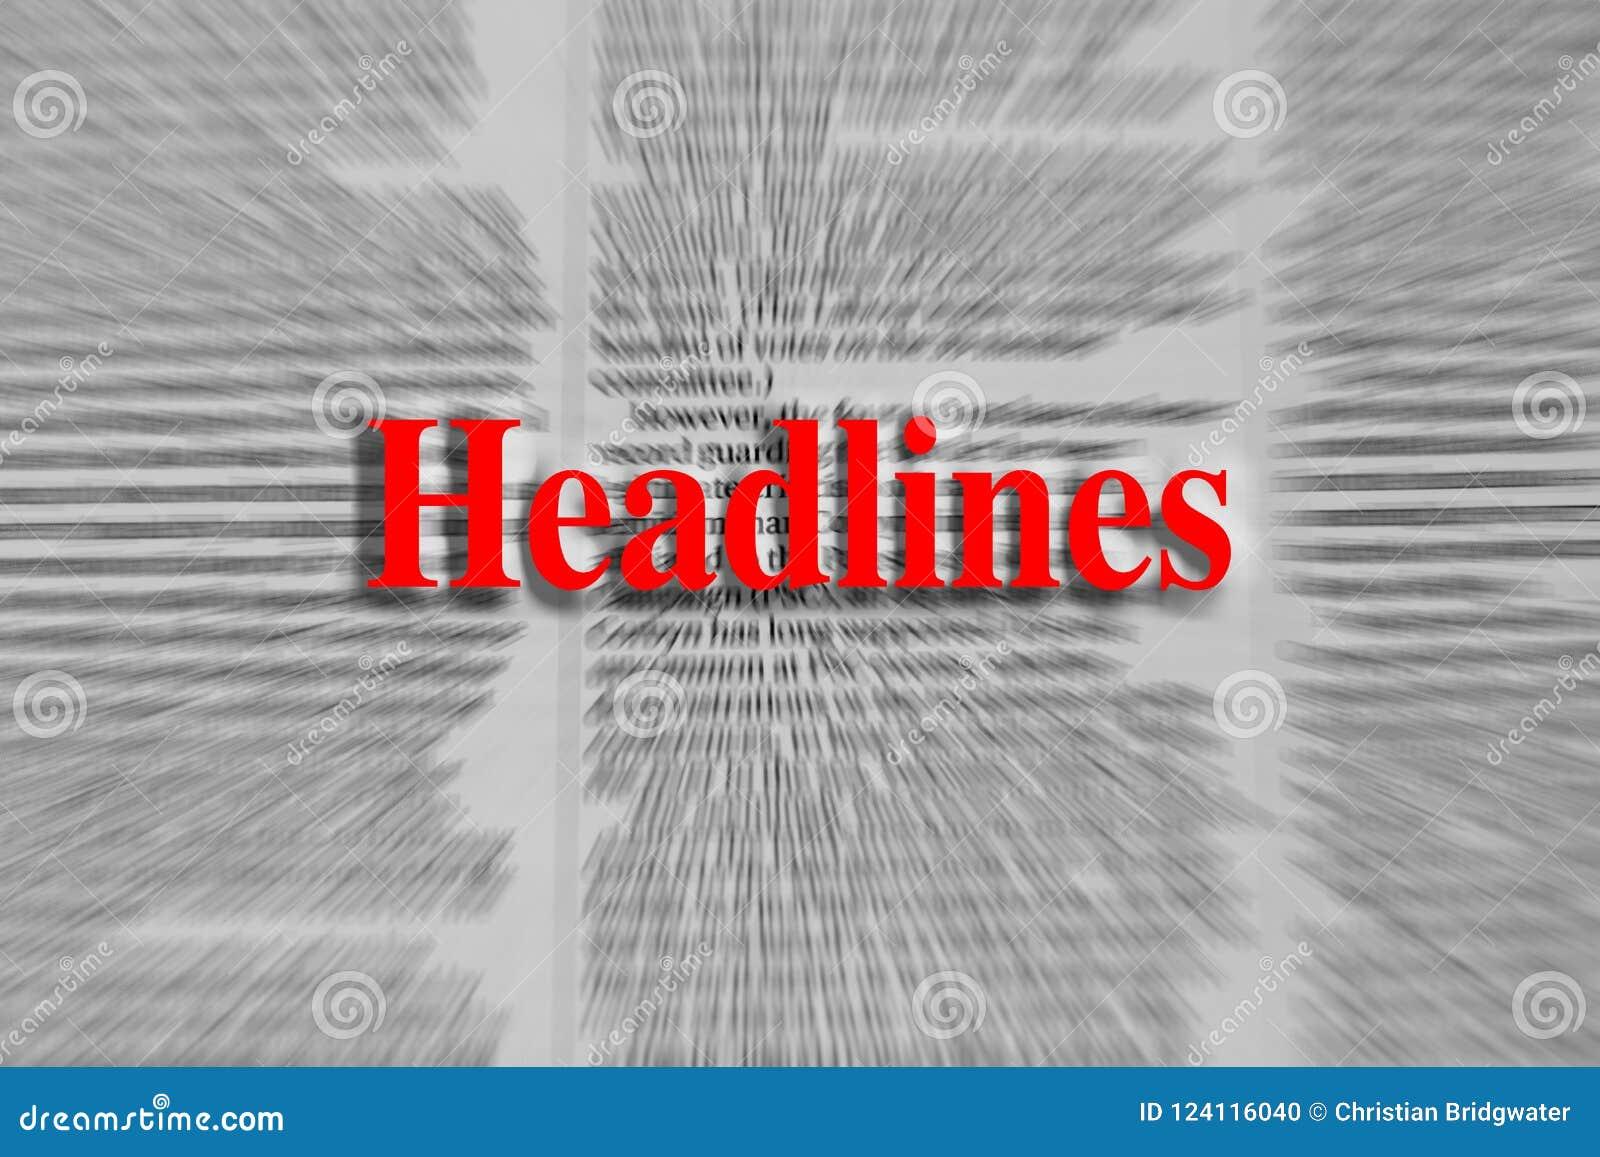 Título escritos no vermelho com um artigo de jornal borrado